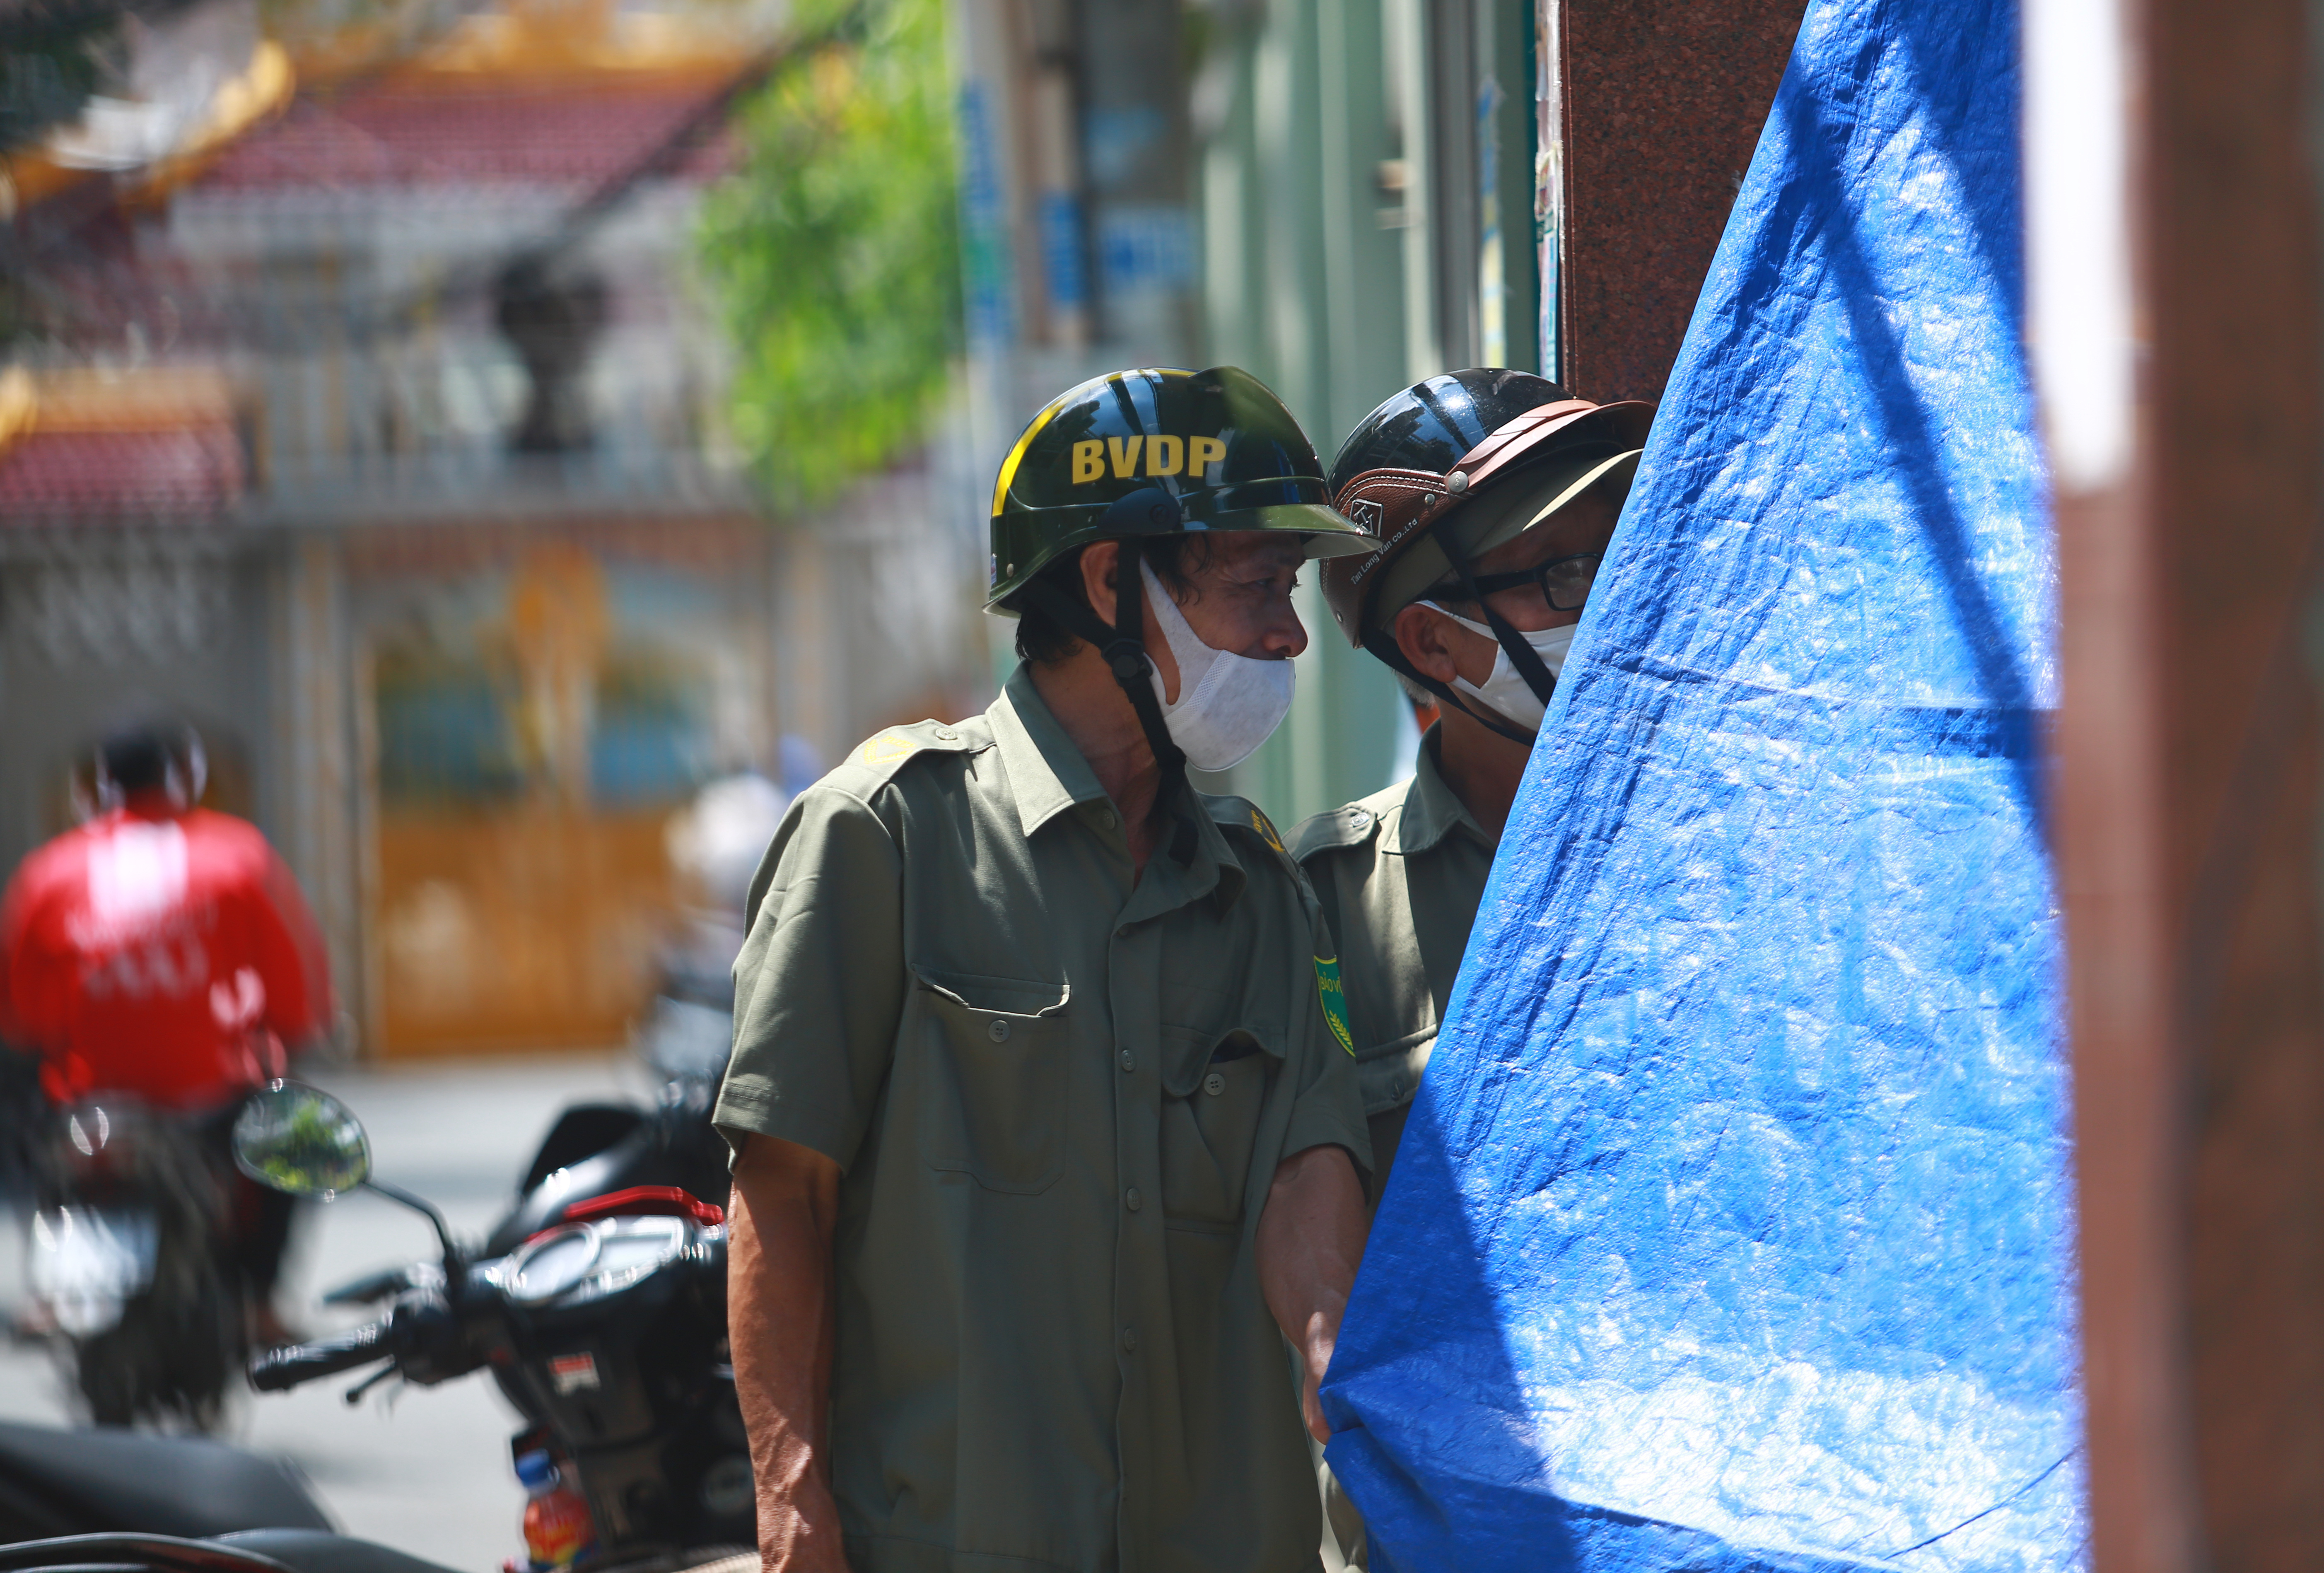 Cận cảnh gốc phượng vĩ mục ruỗng đổ gãy đè 13 học sinh thương vong ở Sài Gòn - Ảnh 11.